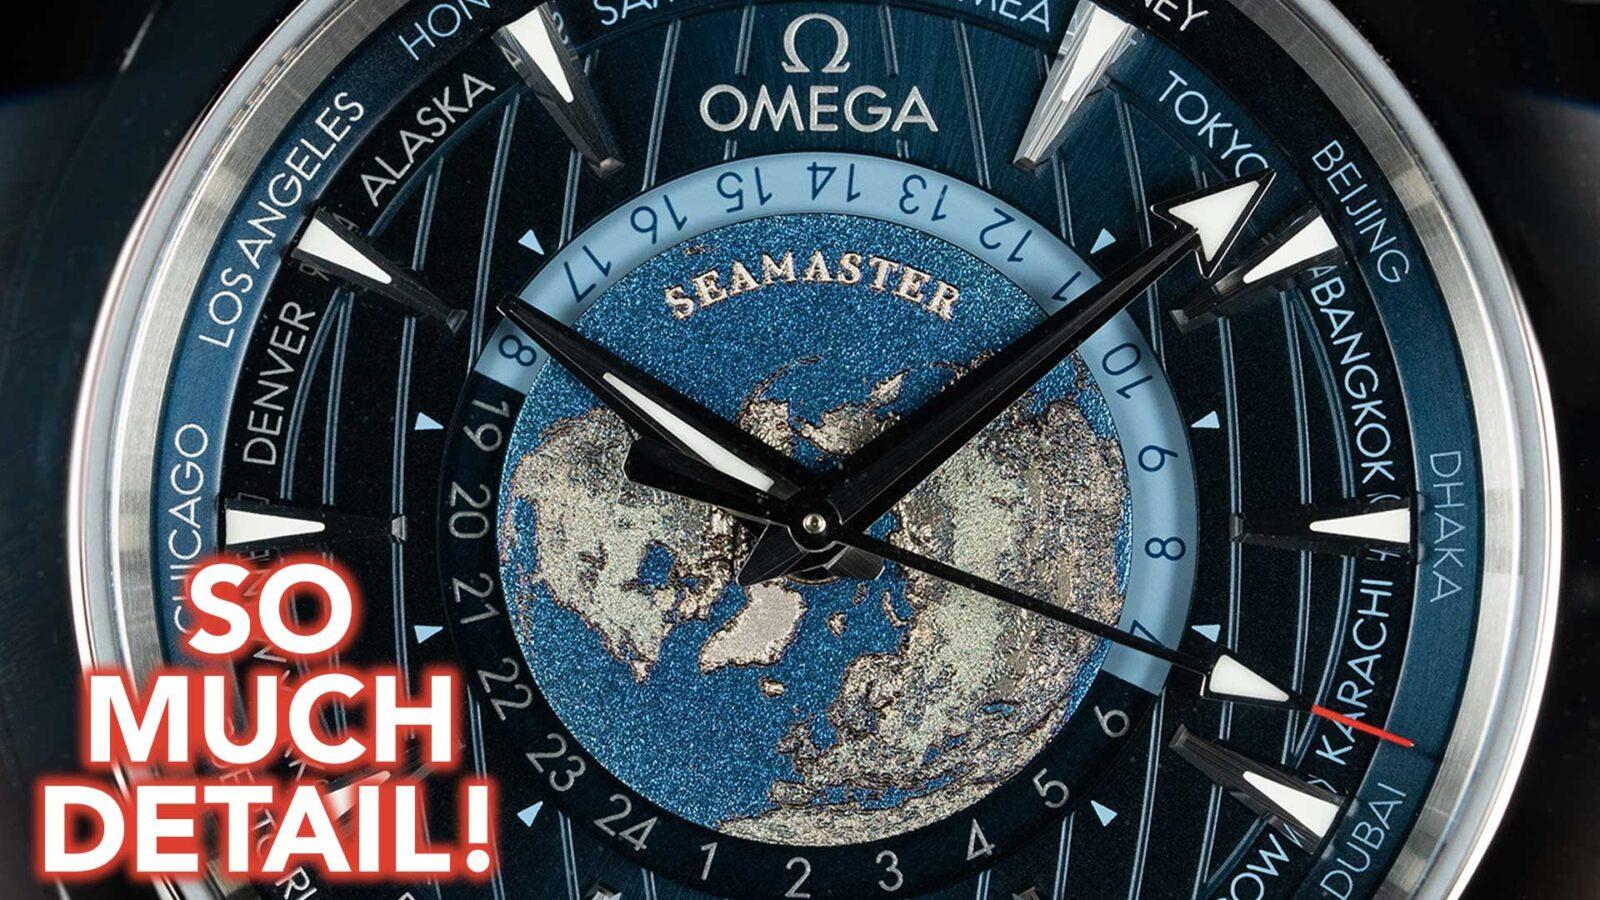 OMEGA Worldtimer Review